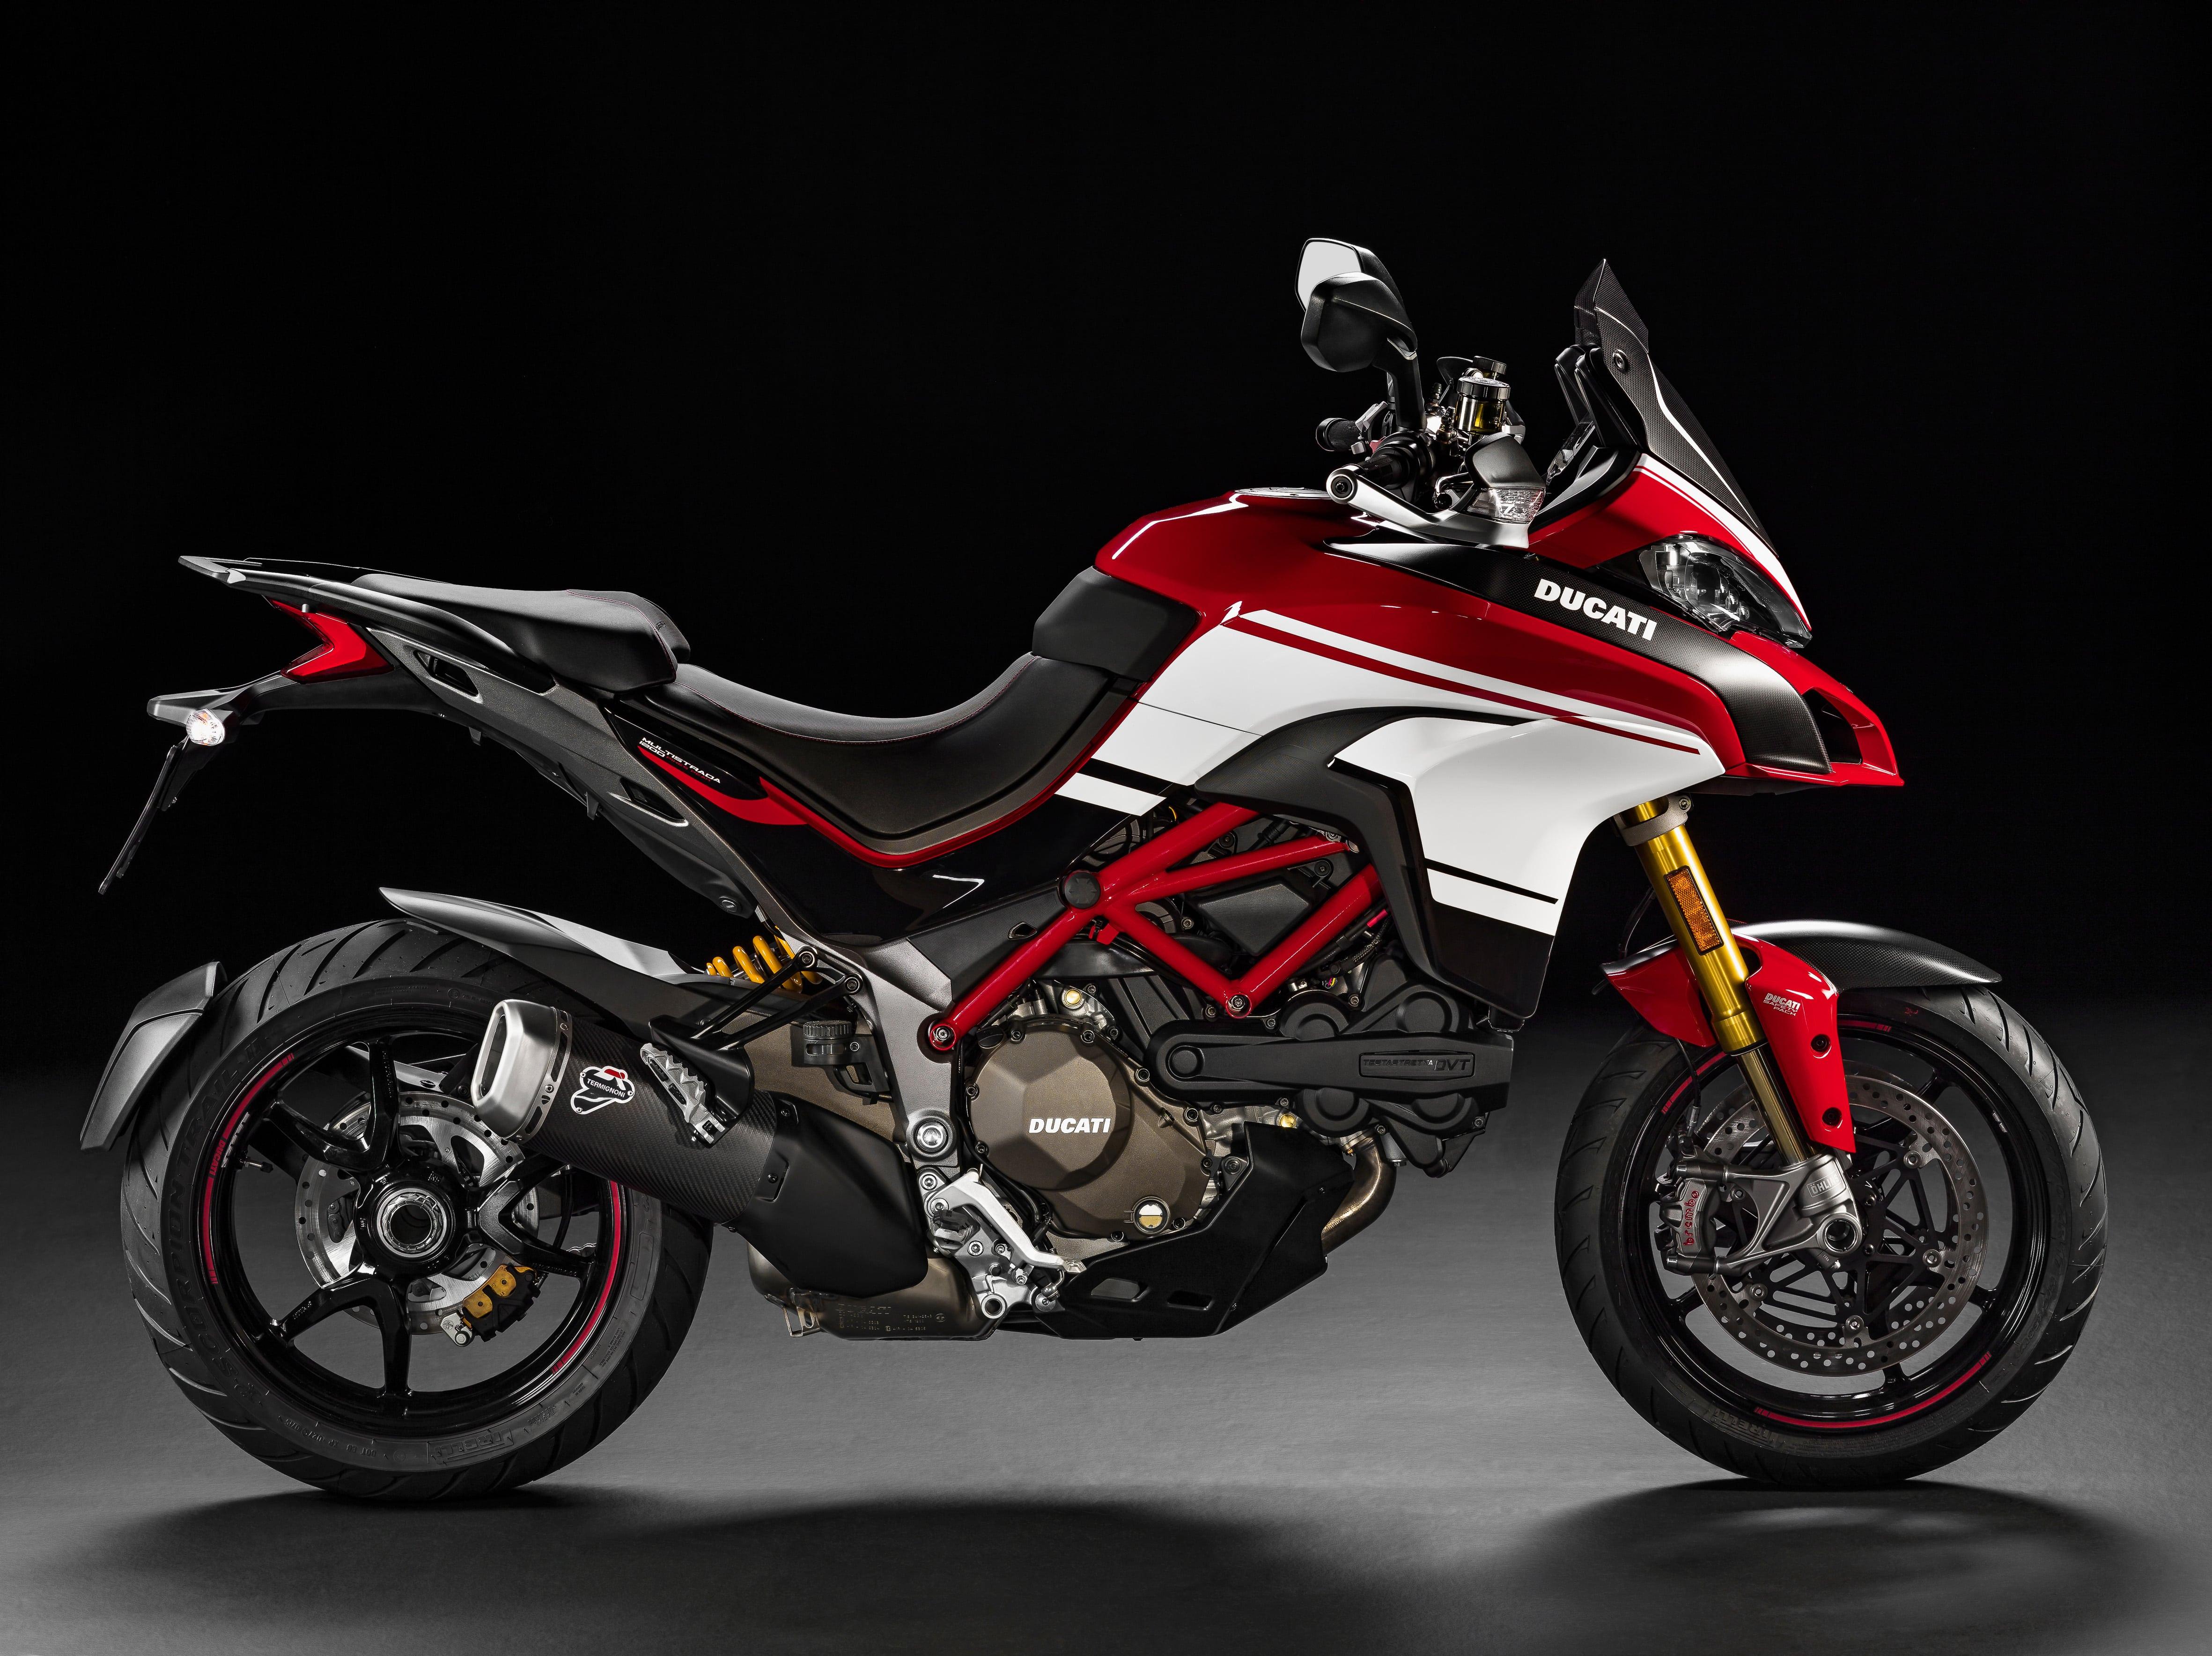 Ducati Multistrada nuovi modelli 2017